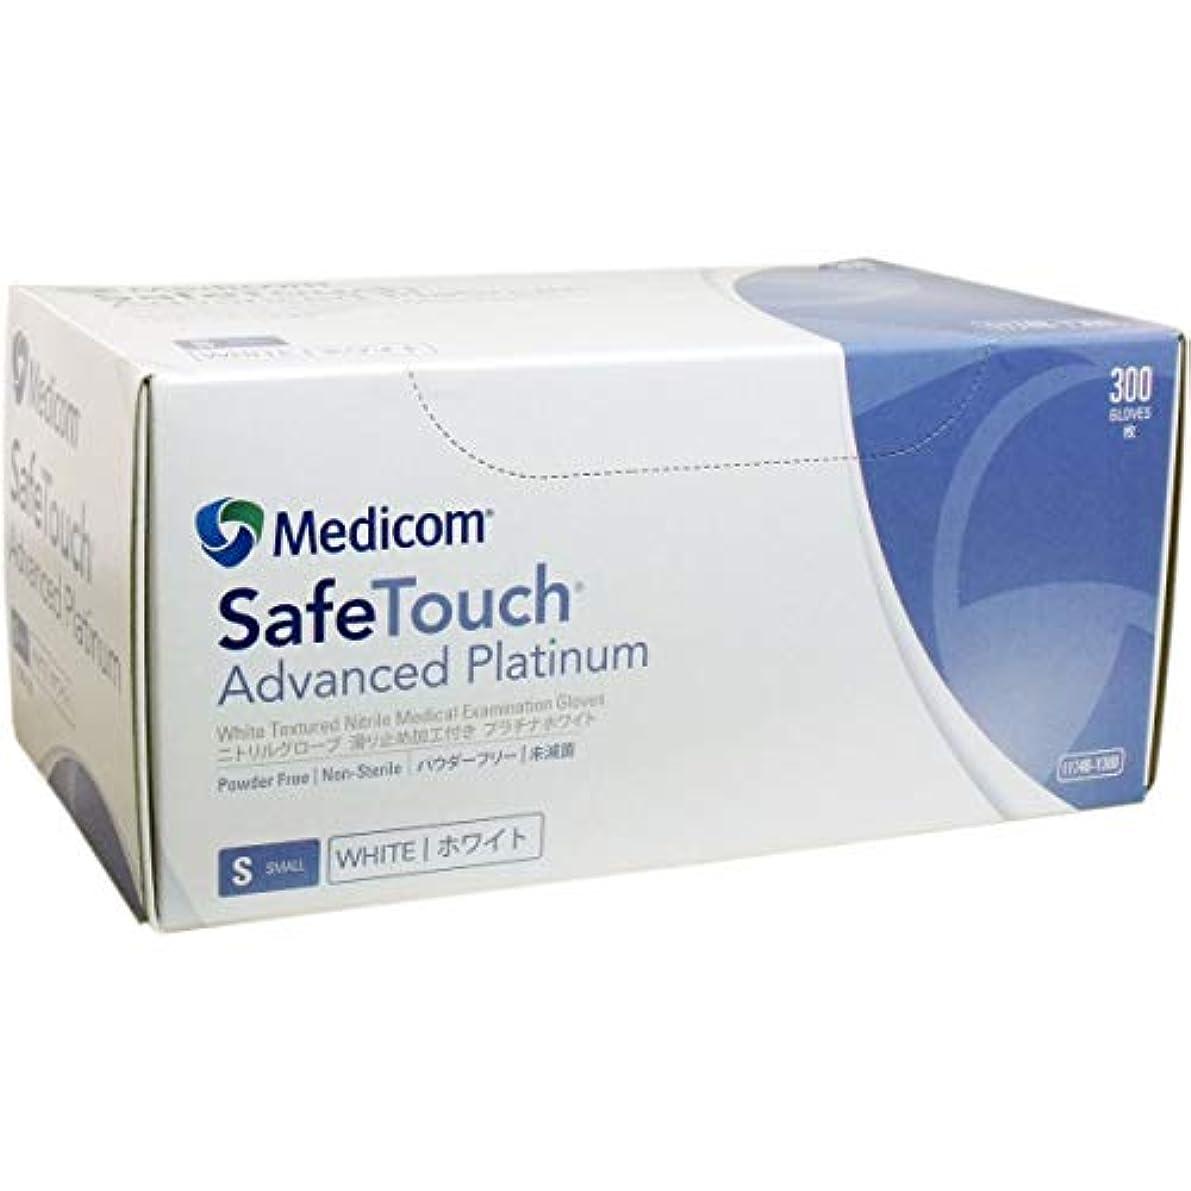 乱気流基礎喉頭セーフタッチ ニトリル手袋 パウダーフリー ホワイト Sサイズ 300枚入×2個セット